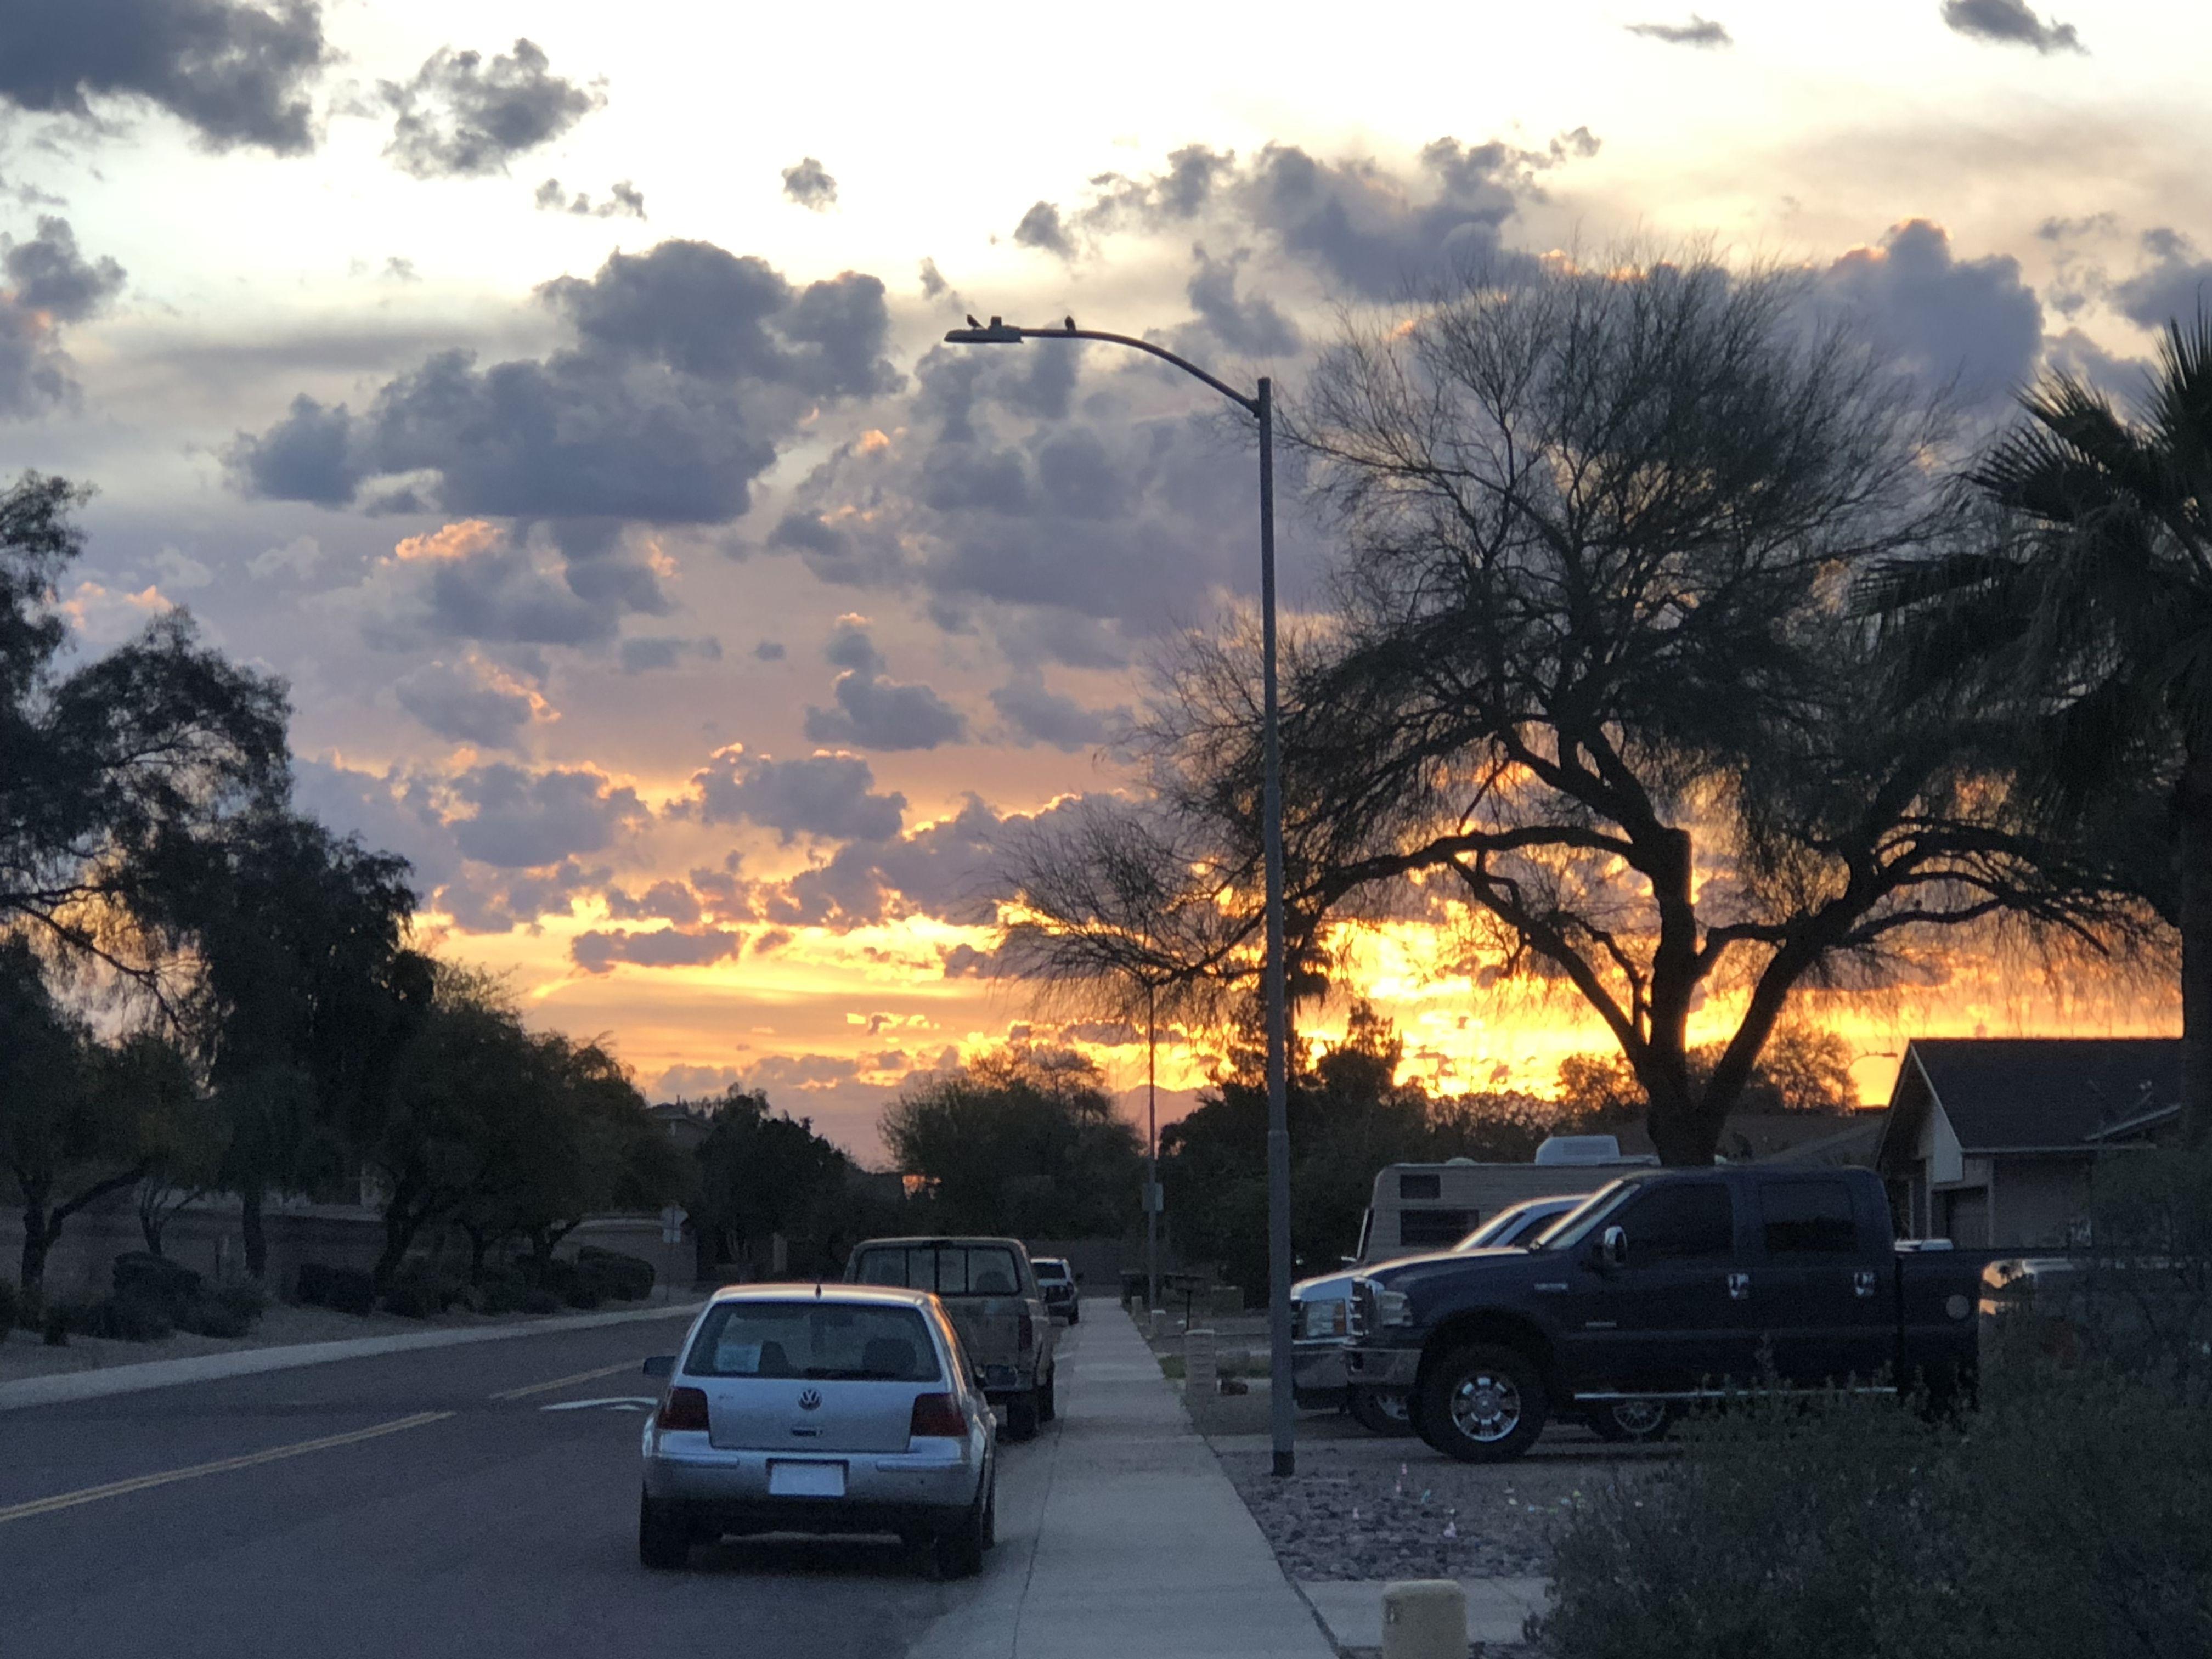 Sunrise In Peoria Arizona 3 20 19